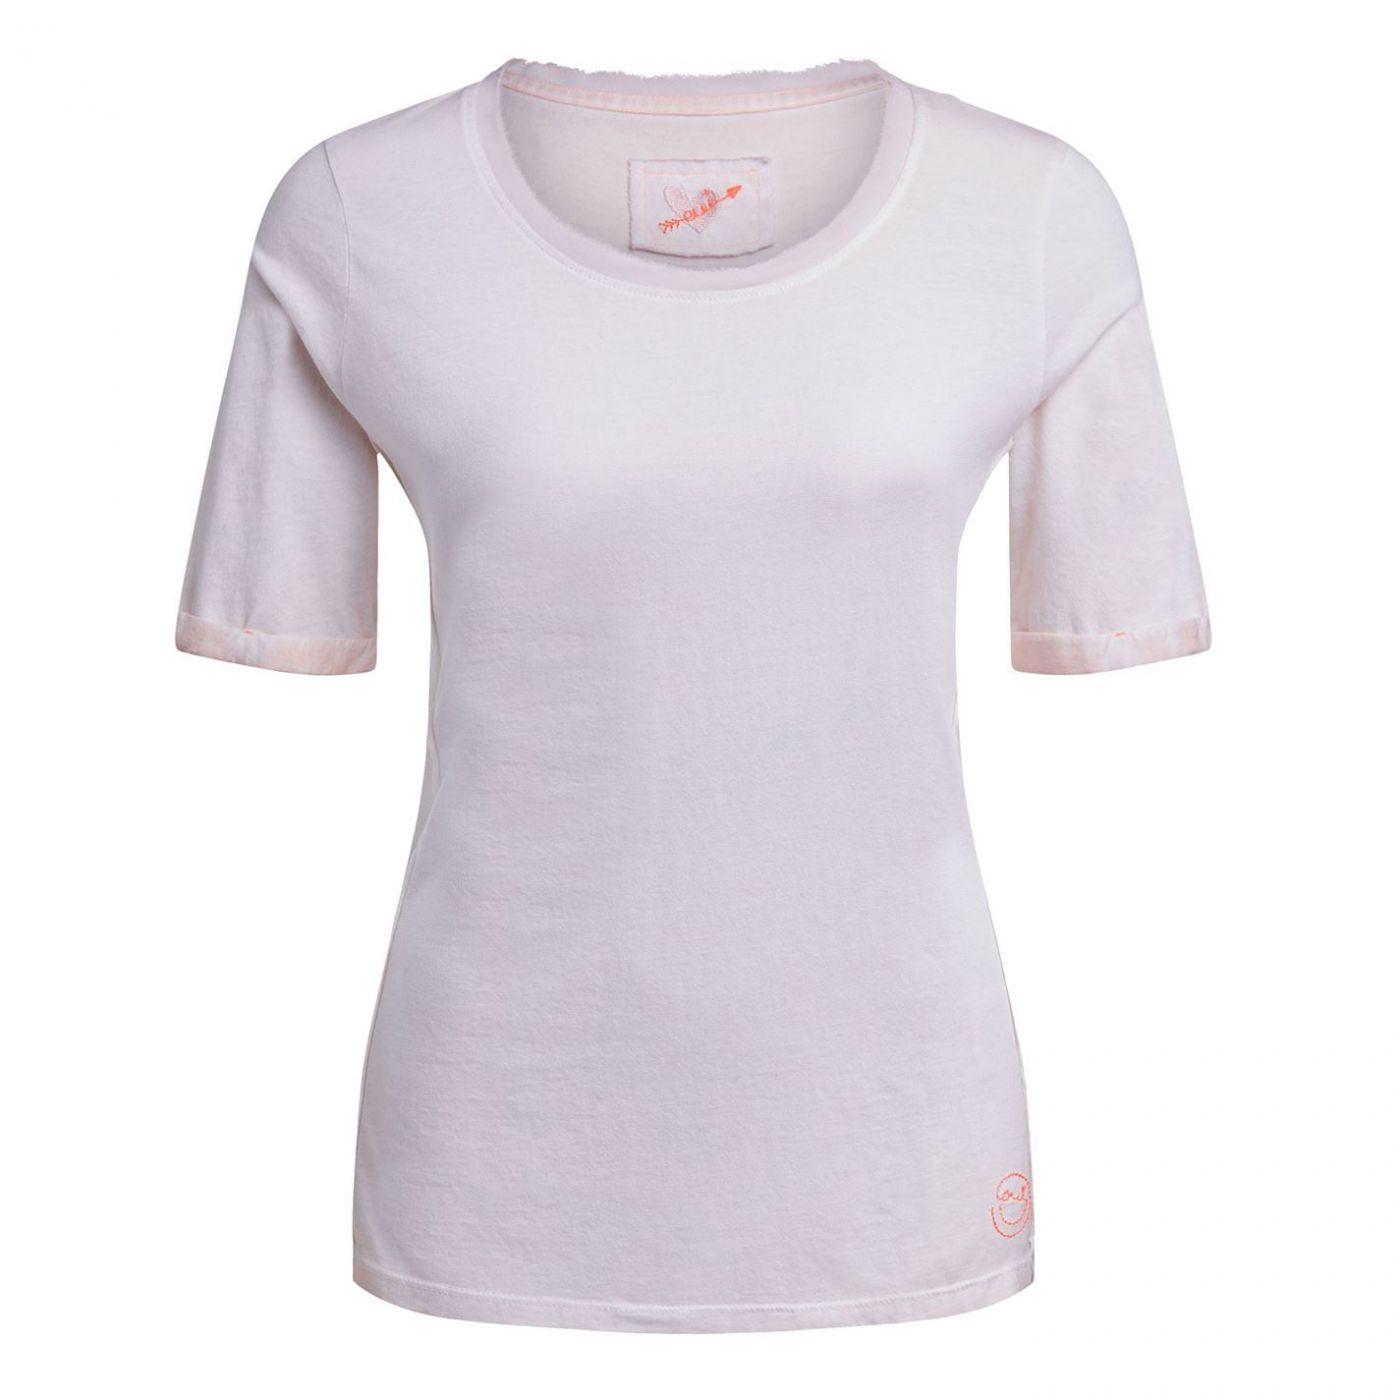 Oui Plain Block T-Shirt